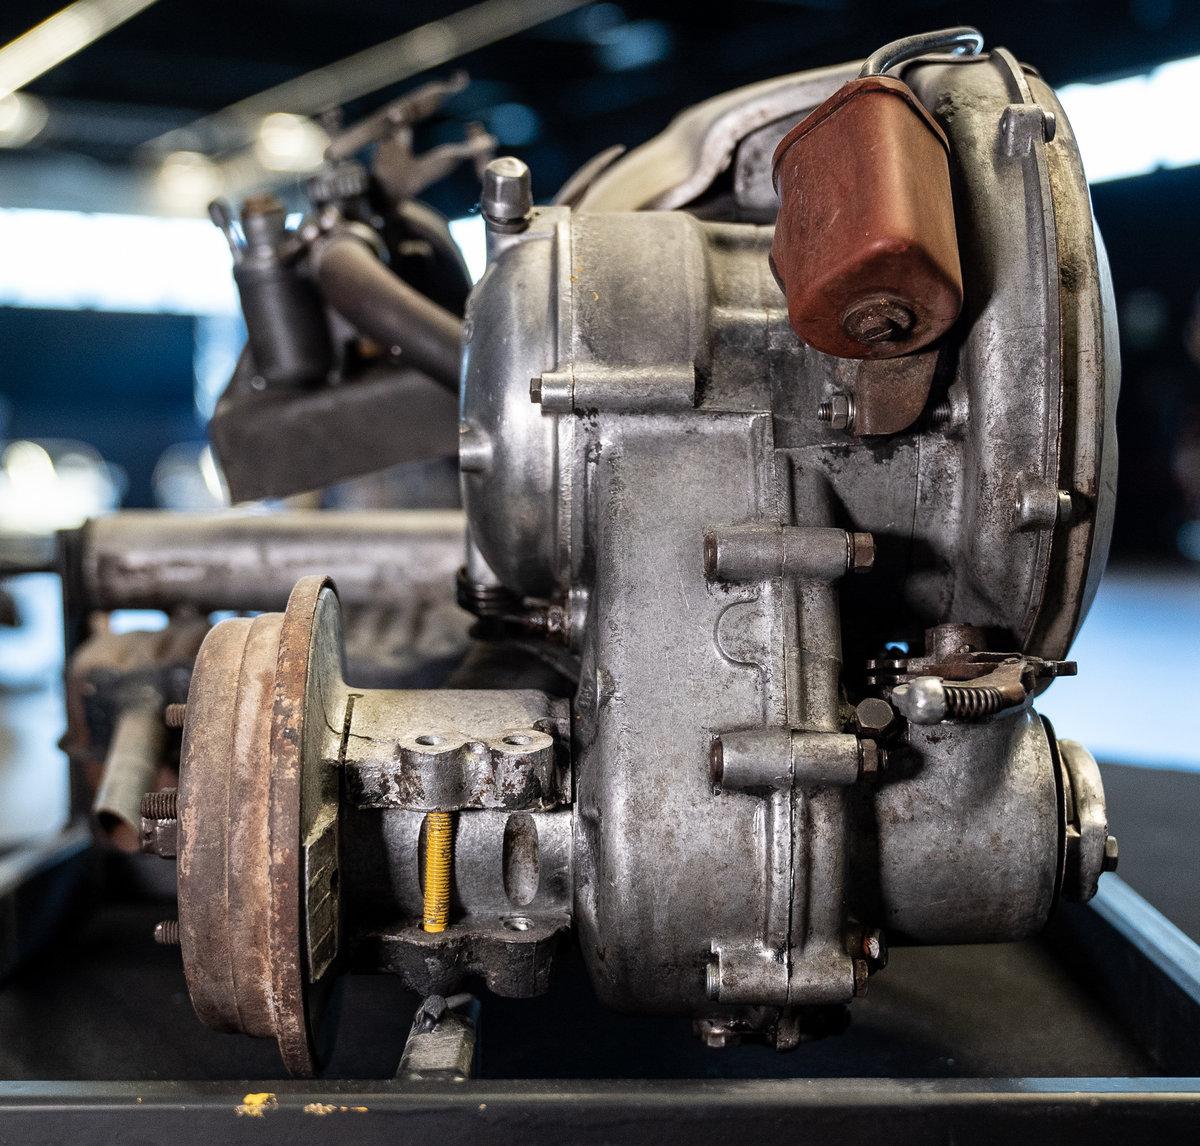 1950 Piaggio Vespa Engine For Sale (picture 7 of 7)